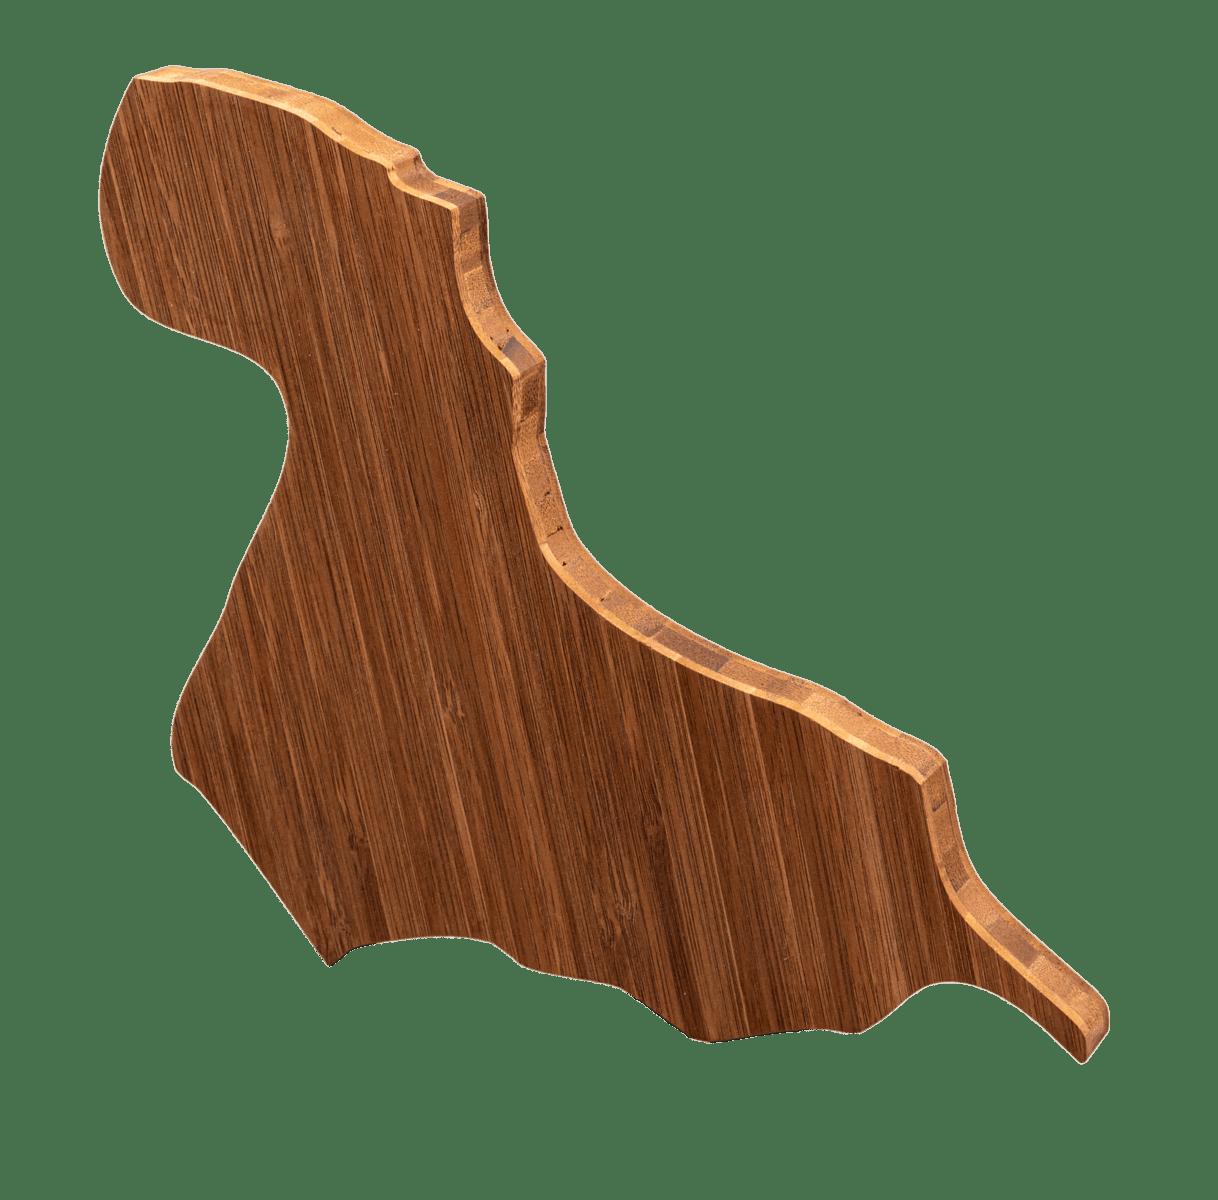 Nordjylland, geoskåner, bordskåner